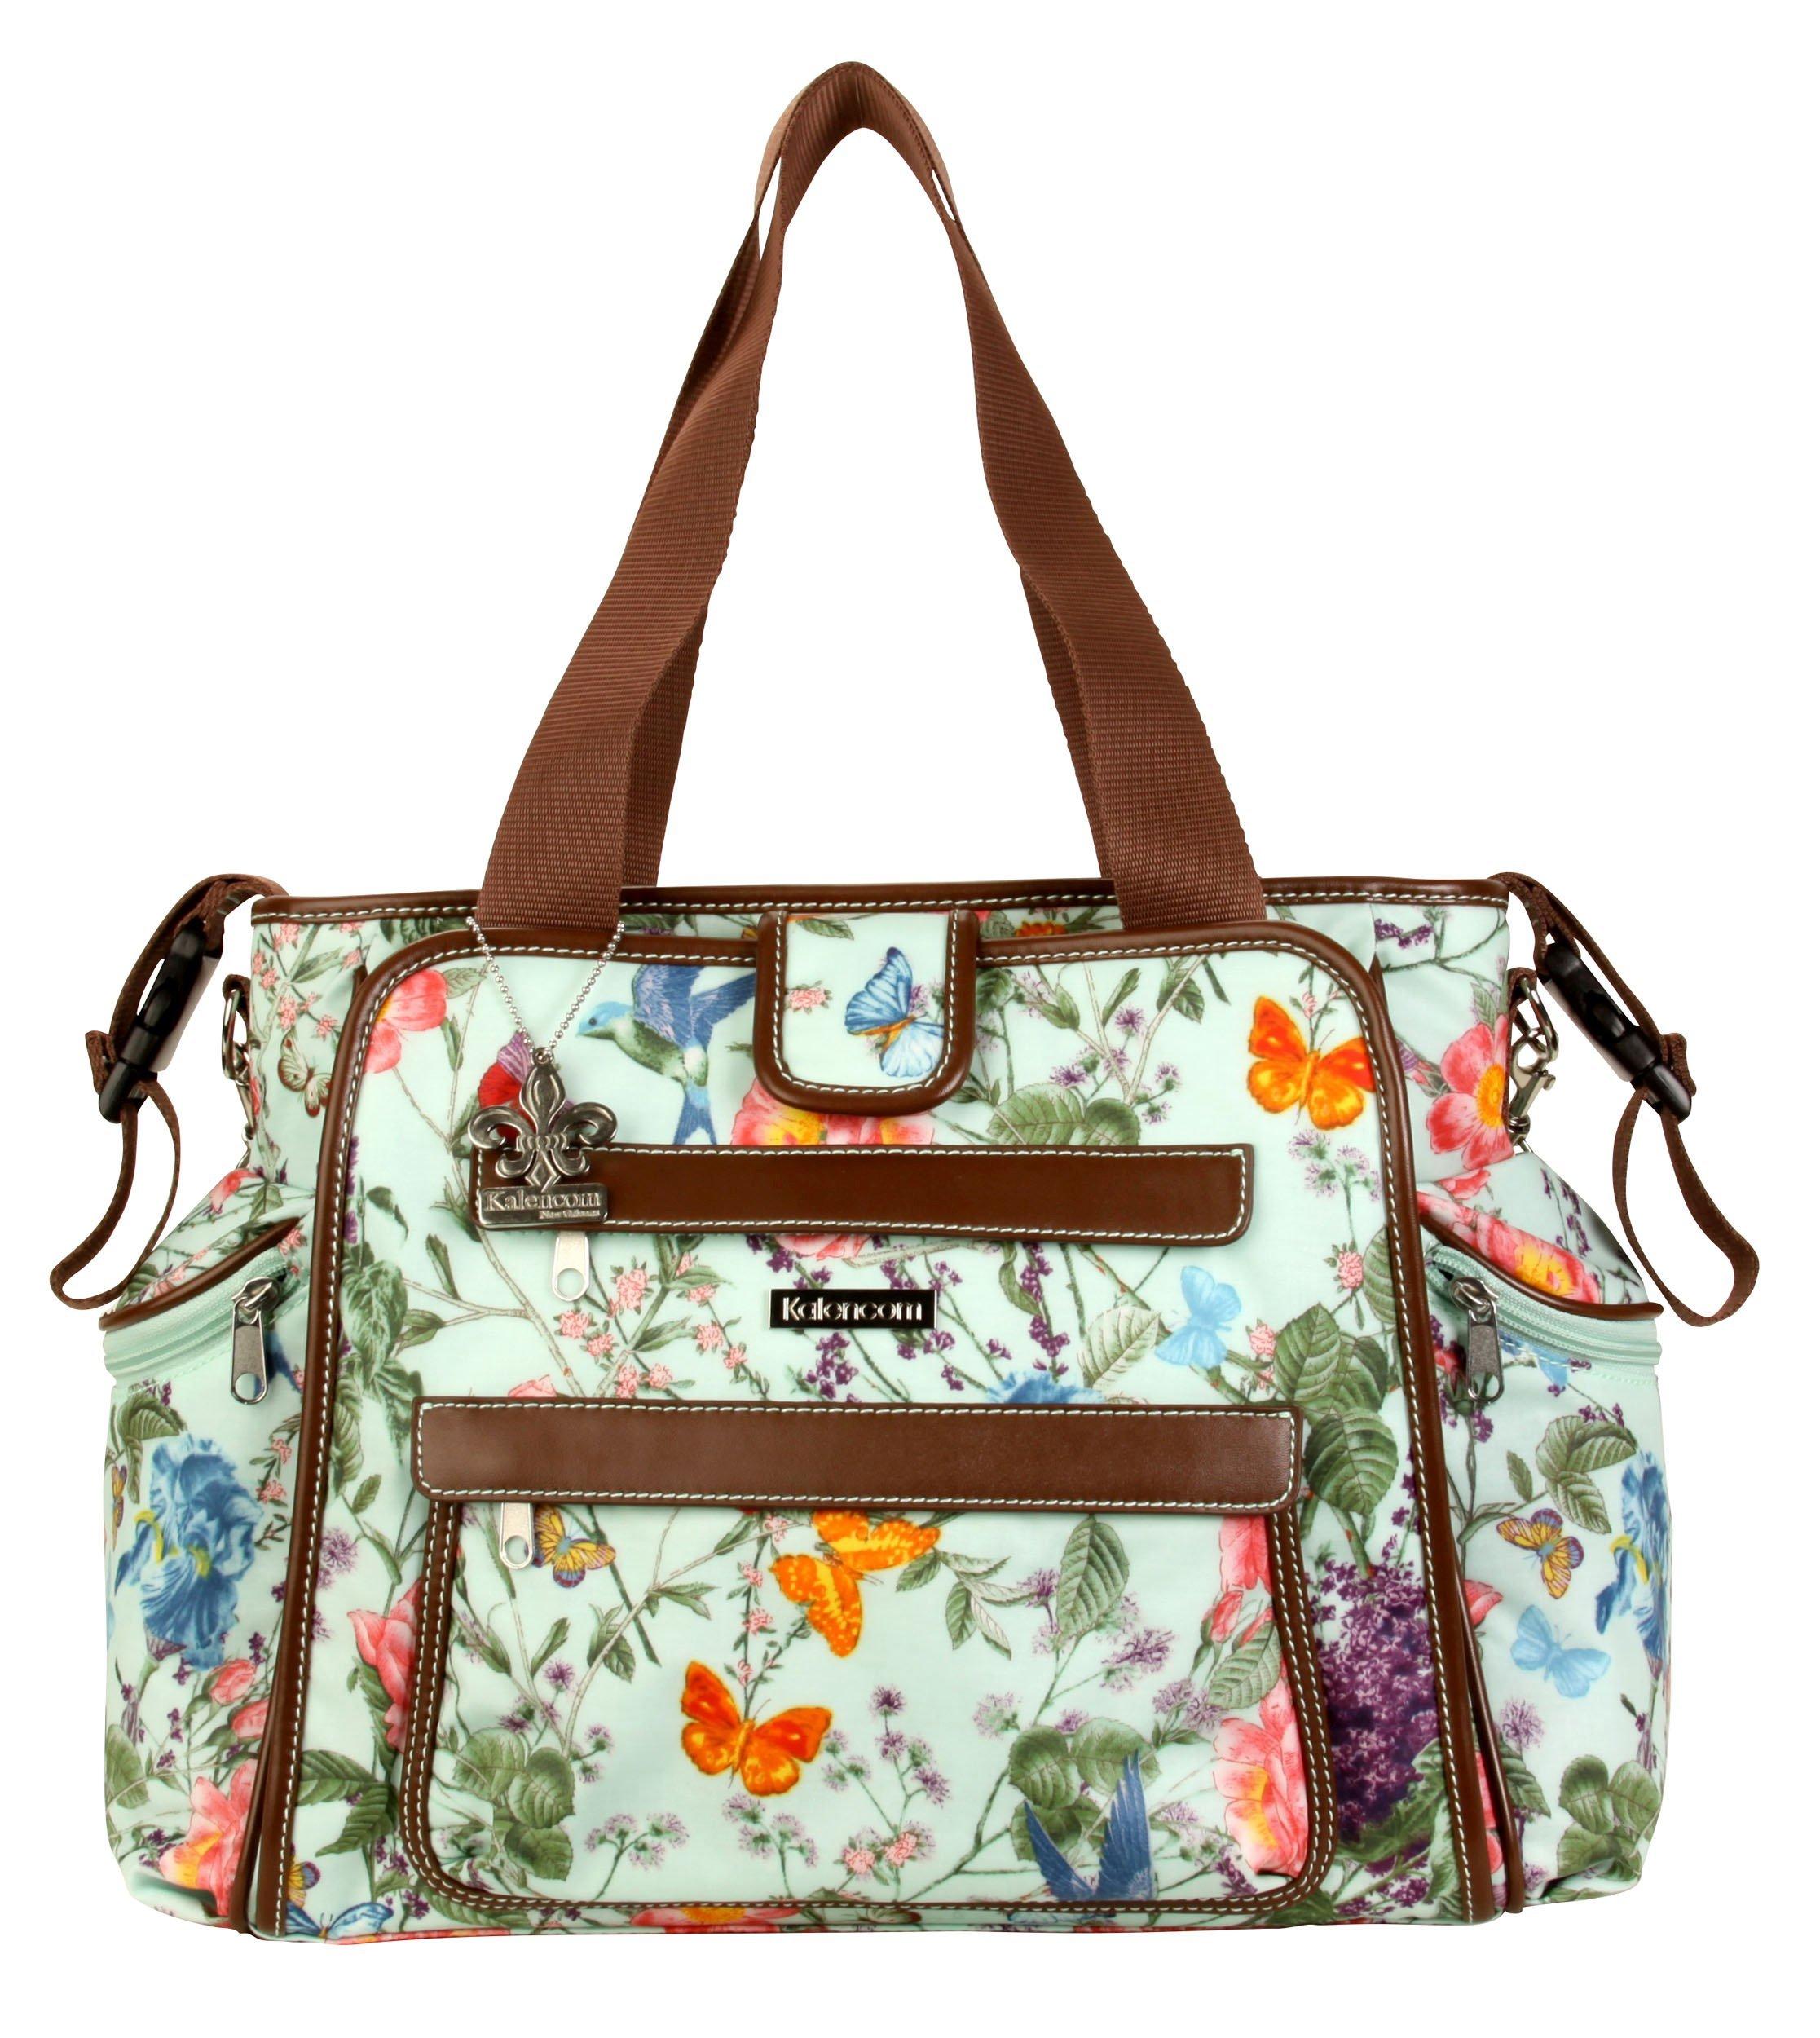 Kalencom Nola Tote Diaper Bag (Springtime) by Kalencom